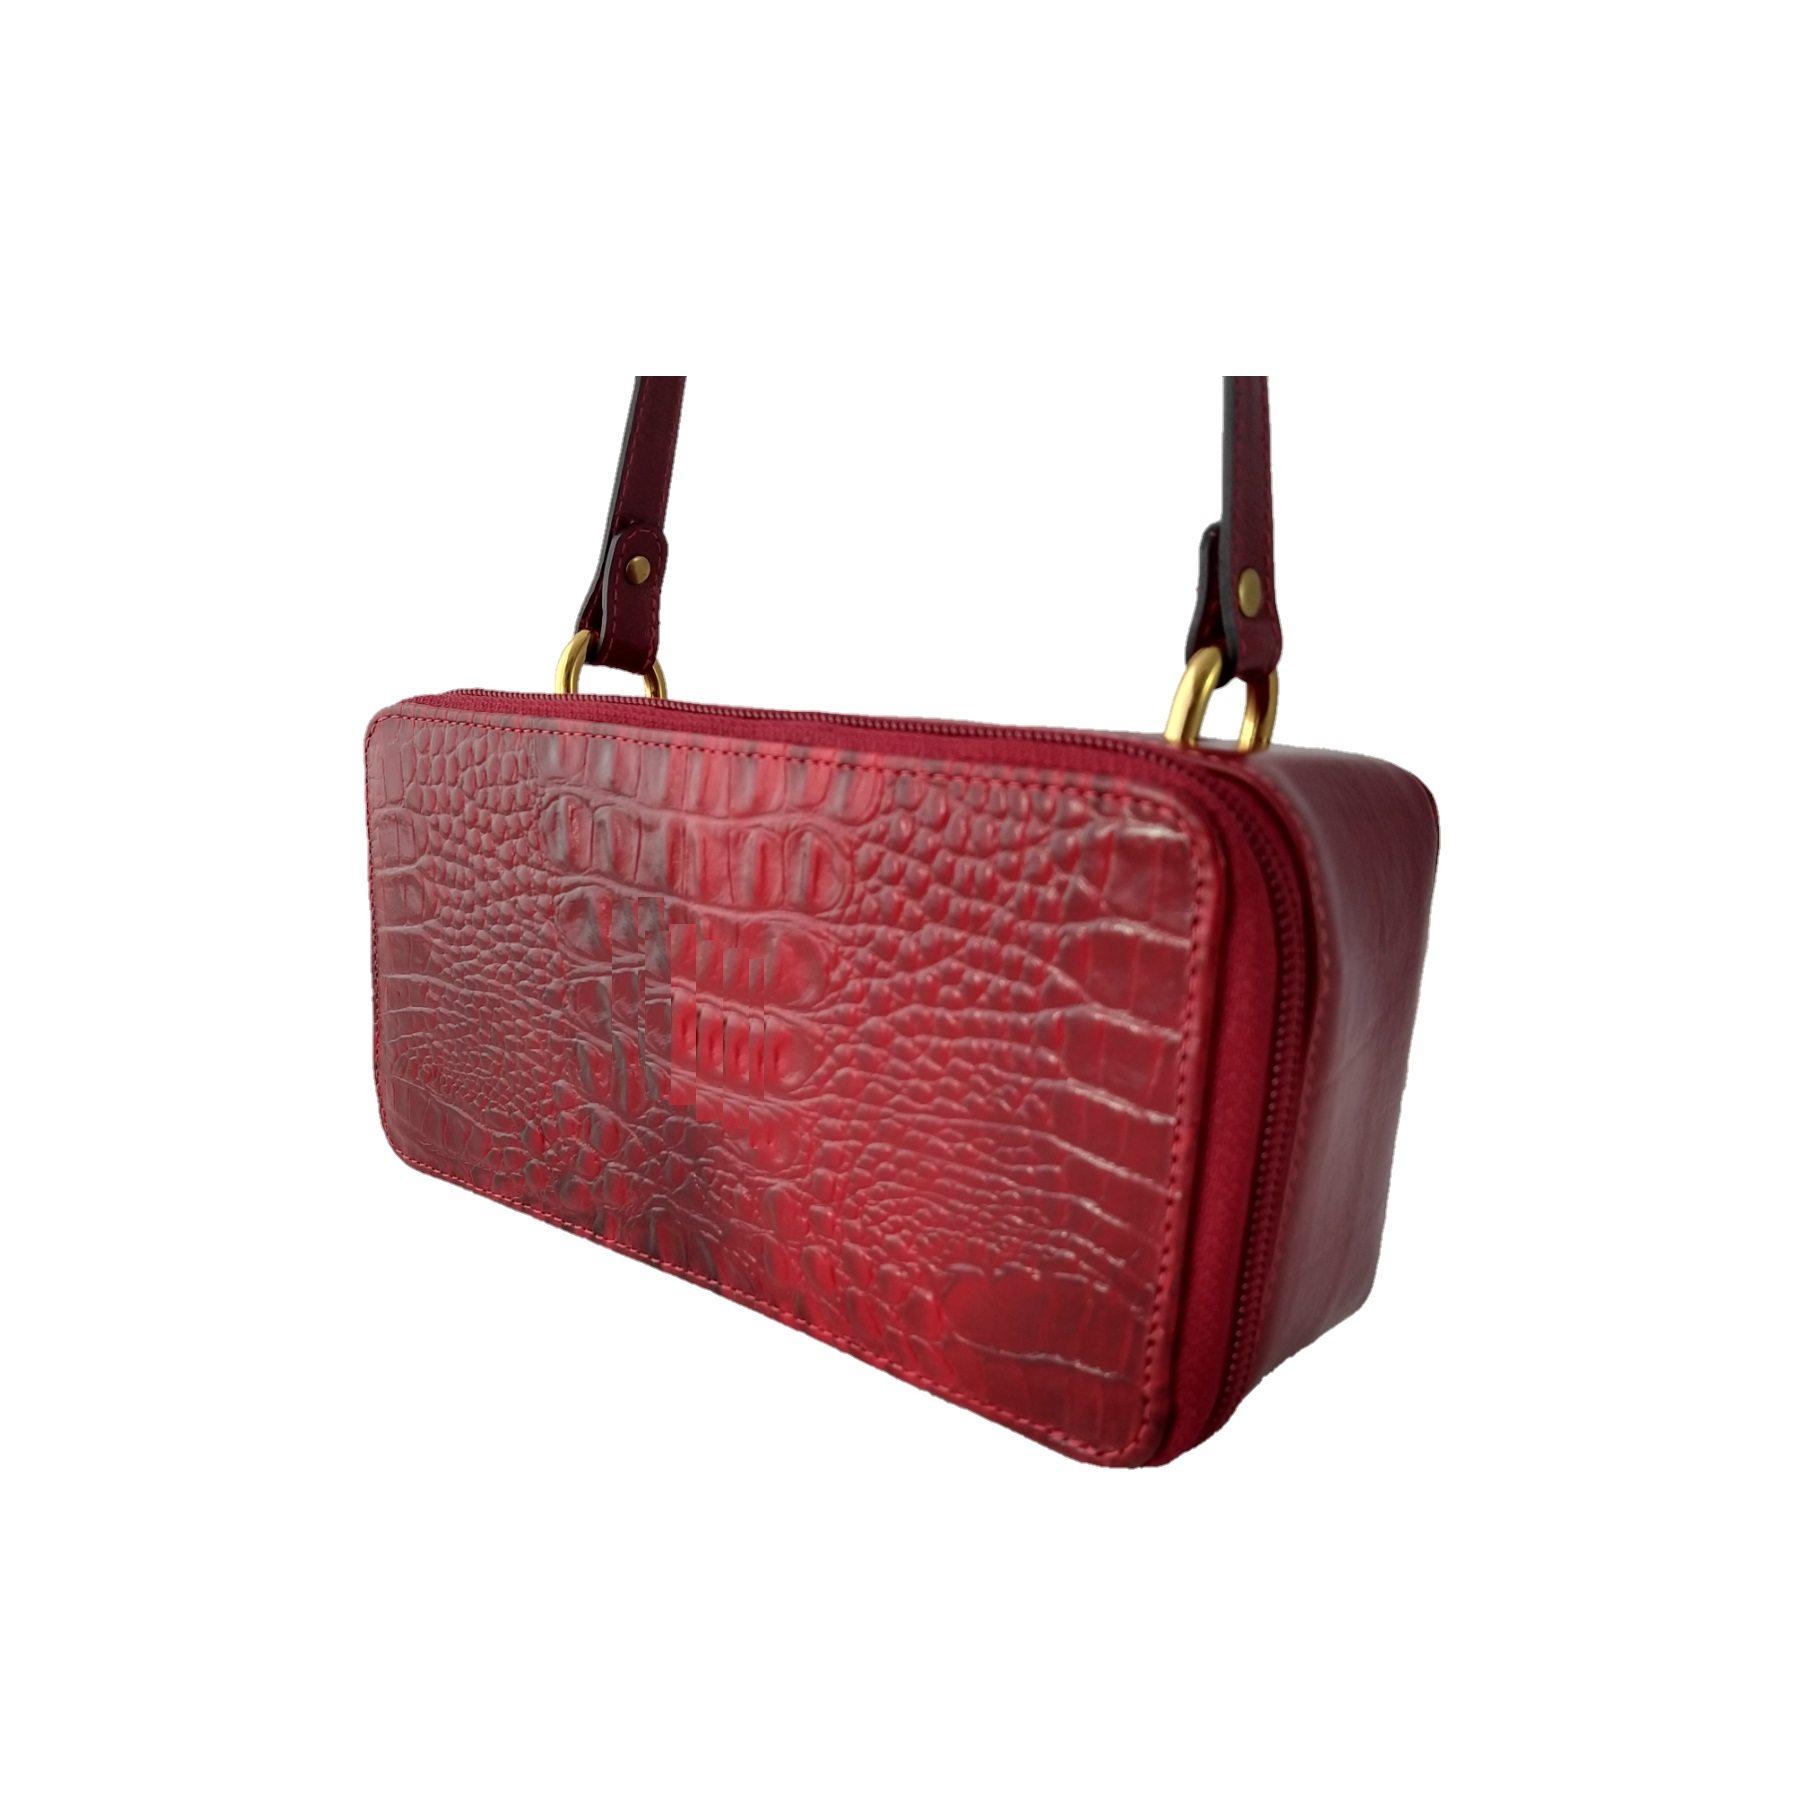 Bolsa Transversal TopGrife Retangular Couro Croco  - SAPATOWEB.COM